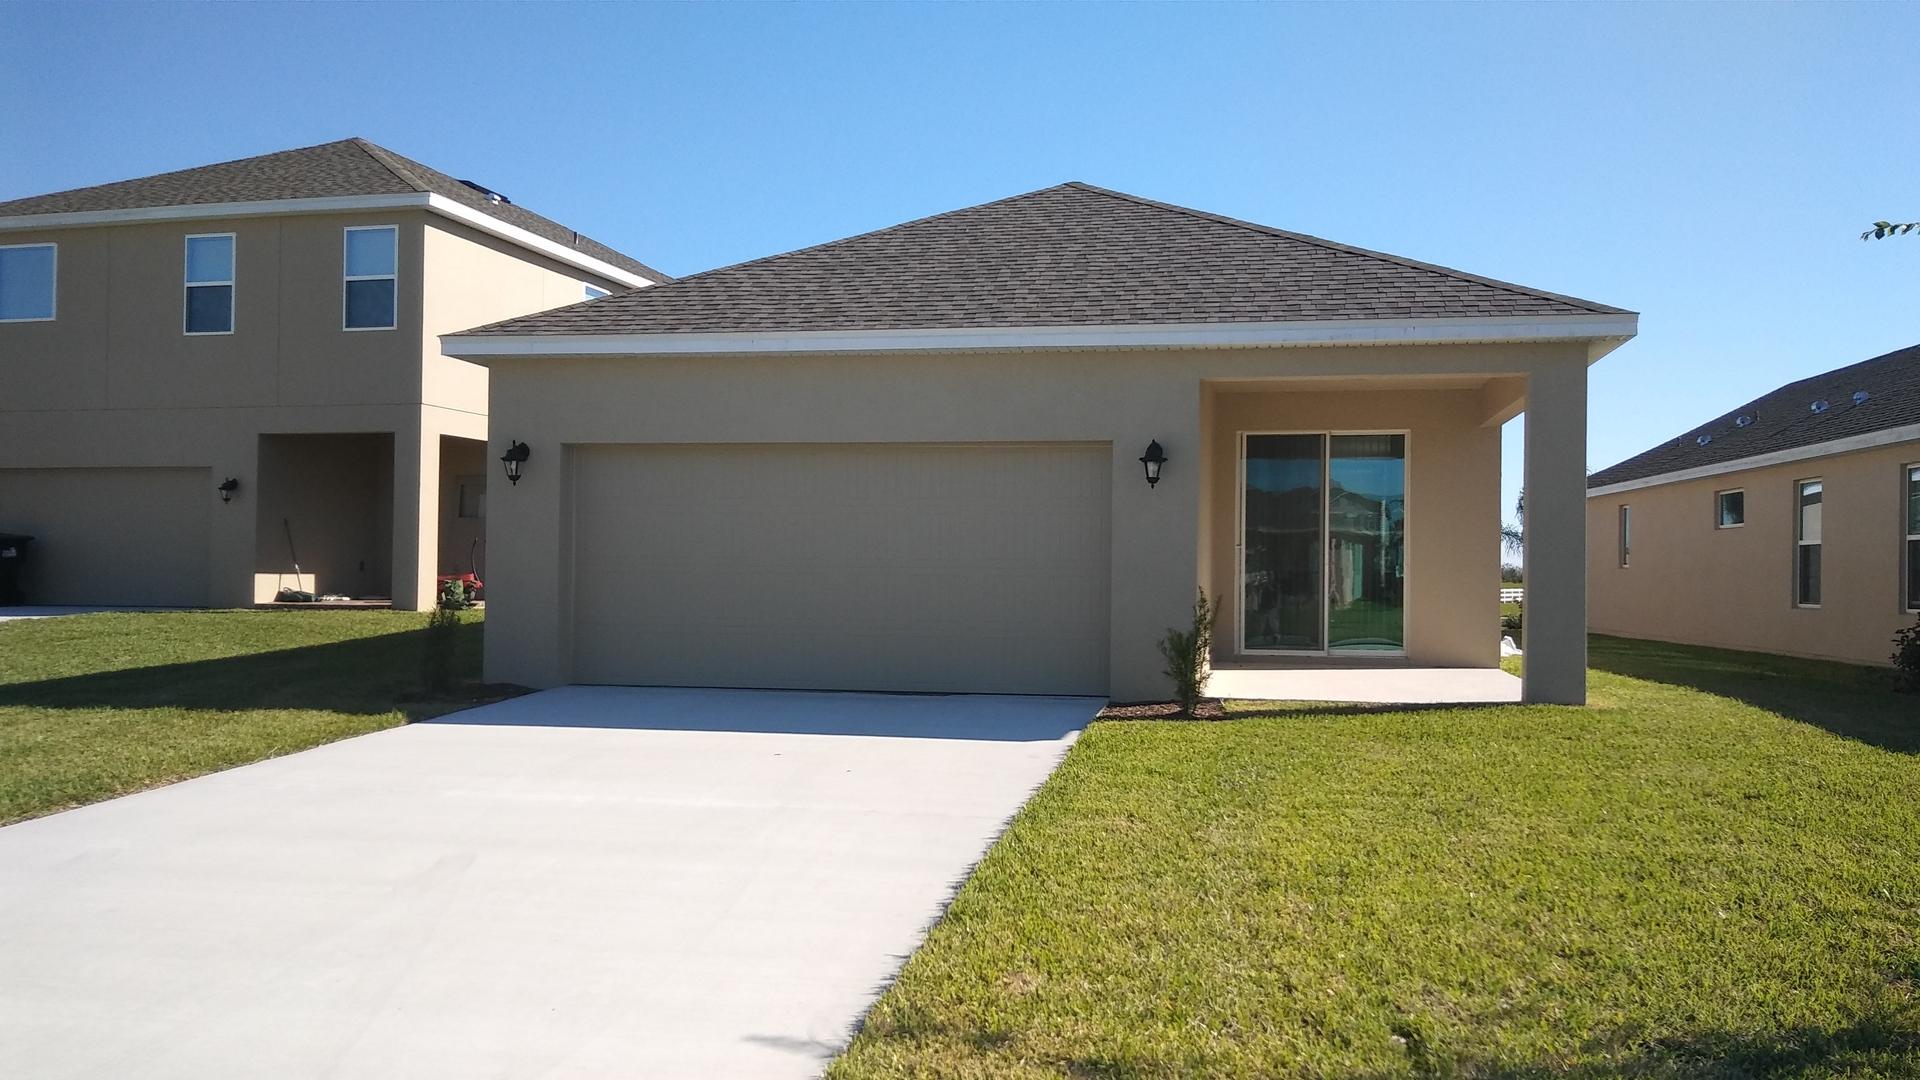 8062 wood sage dr winter garden fl 34787 rental listing real